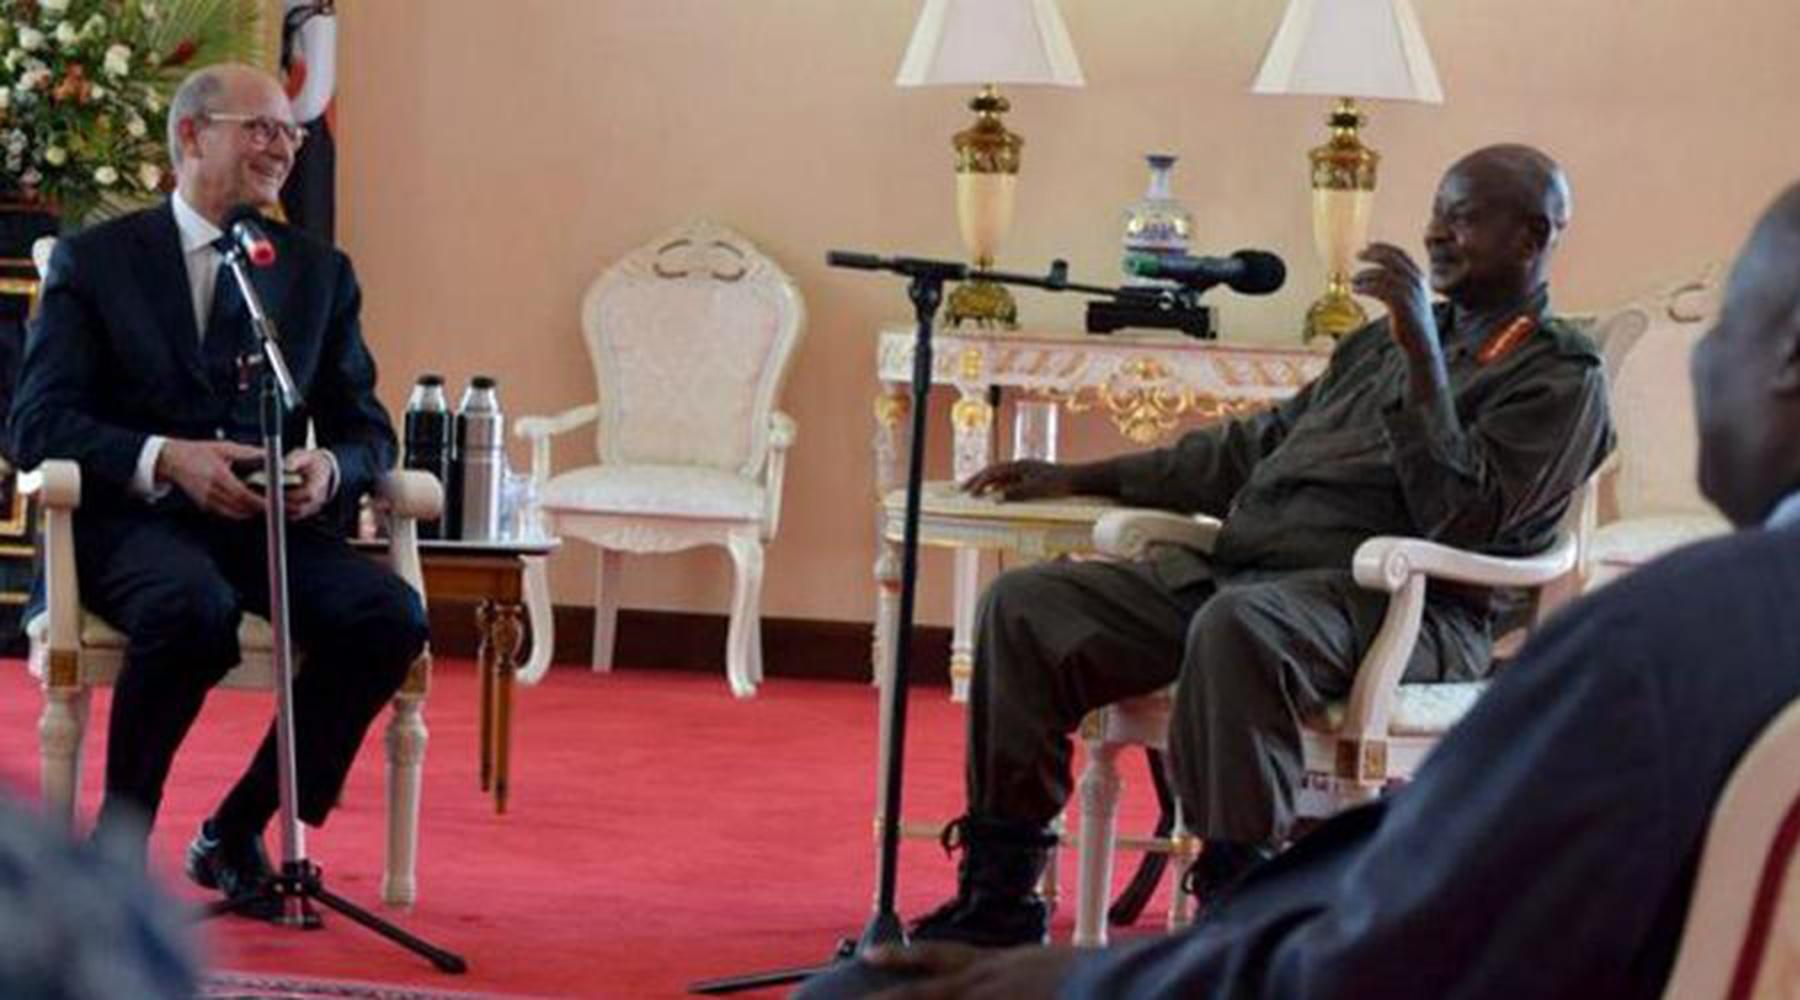 APRÈS LA REQUÊTE DES ADVENTISTES, LE PRÉSIDENT OUGANDAIS PREND EN CONSIDÉRATION LA FIN DES EXAMENS LE SAMEDI